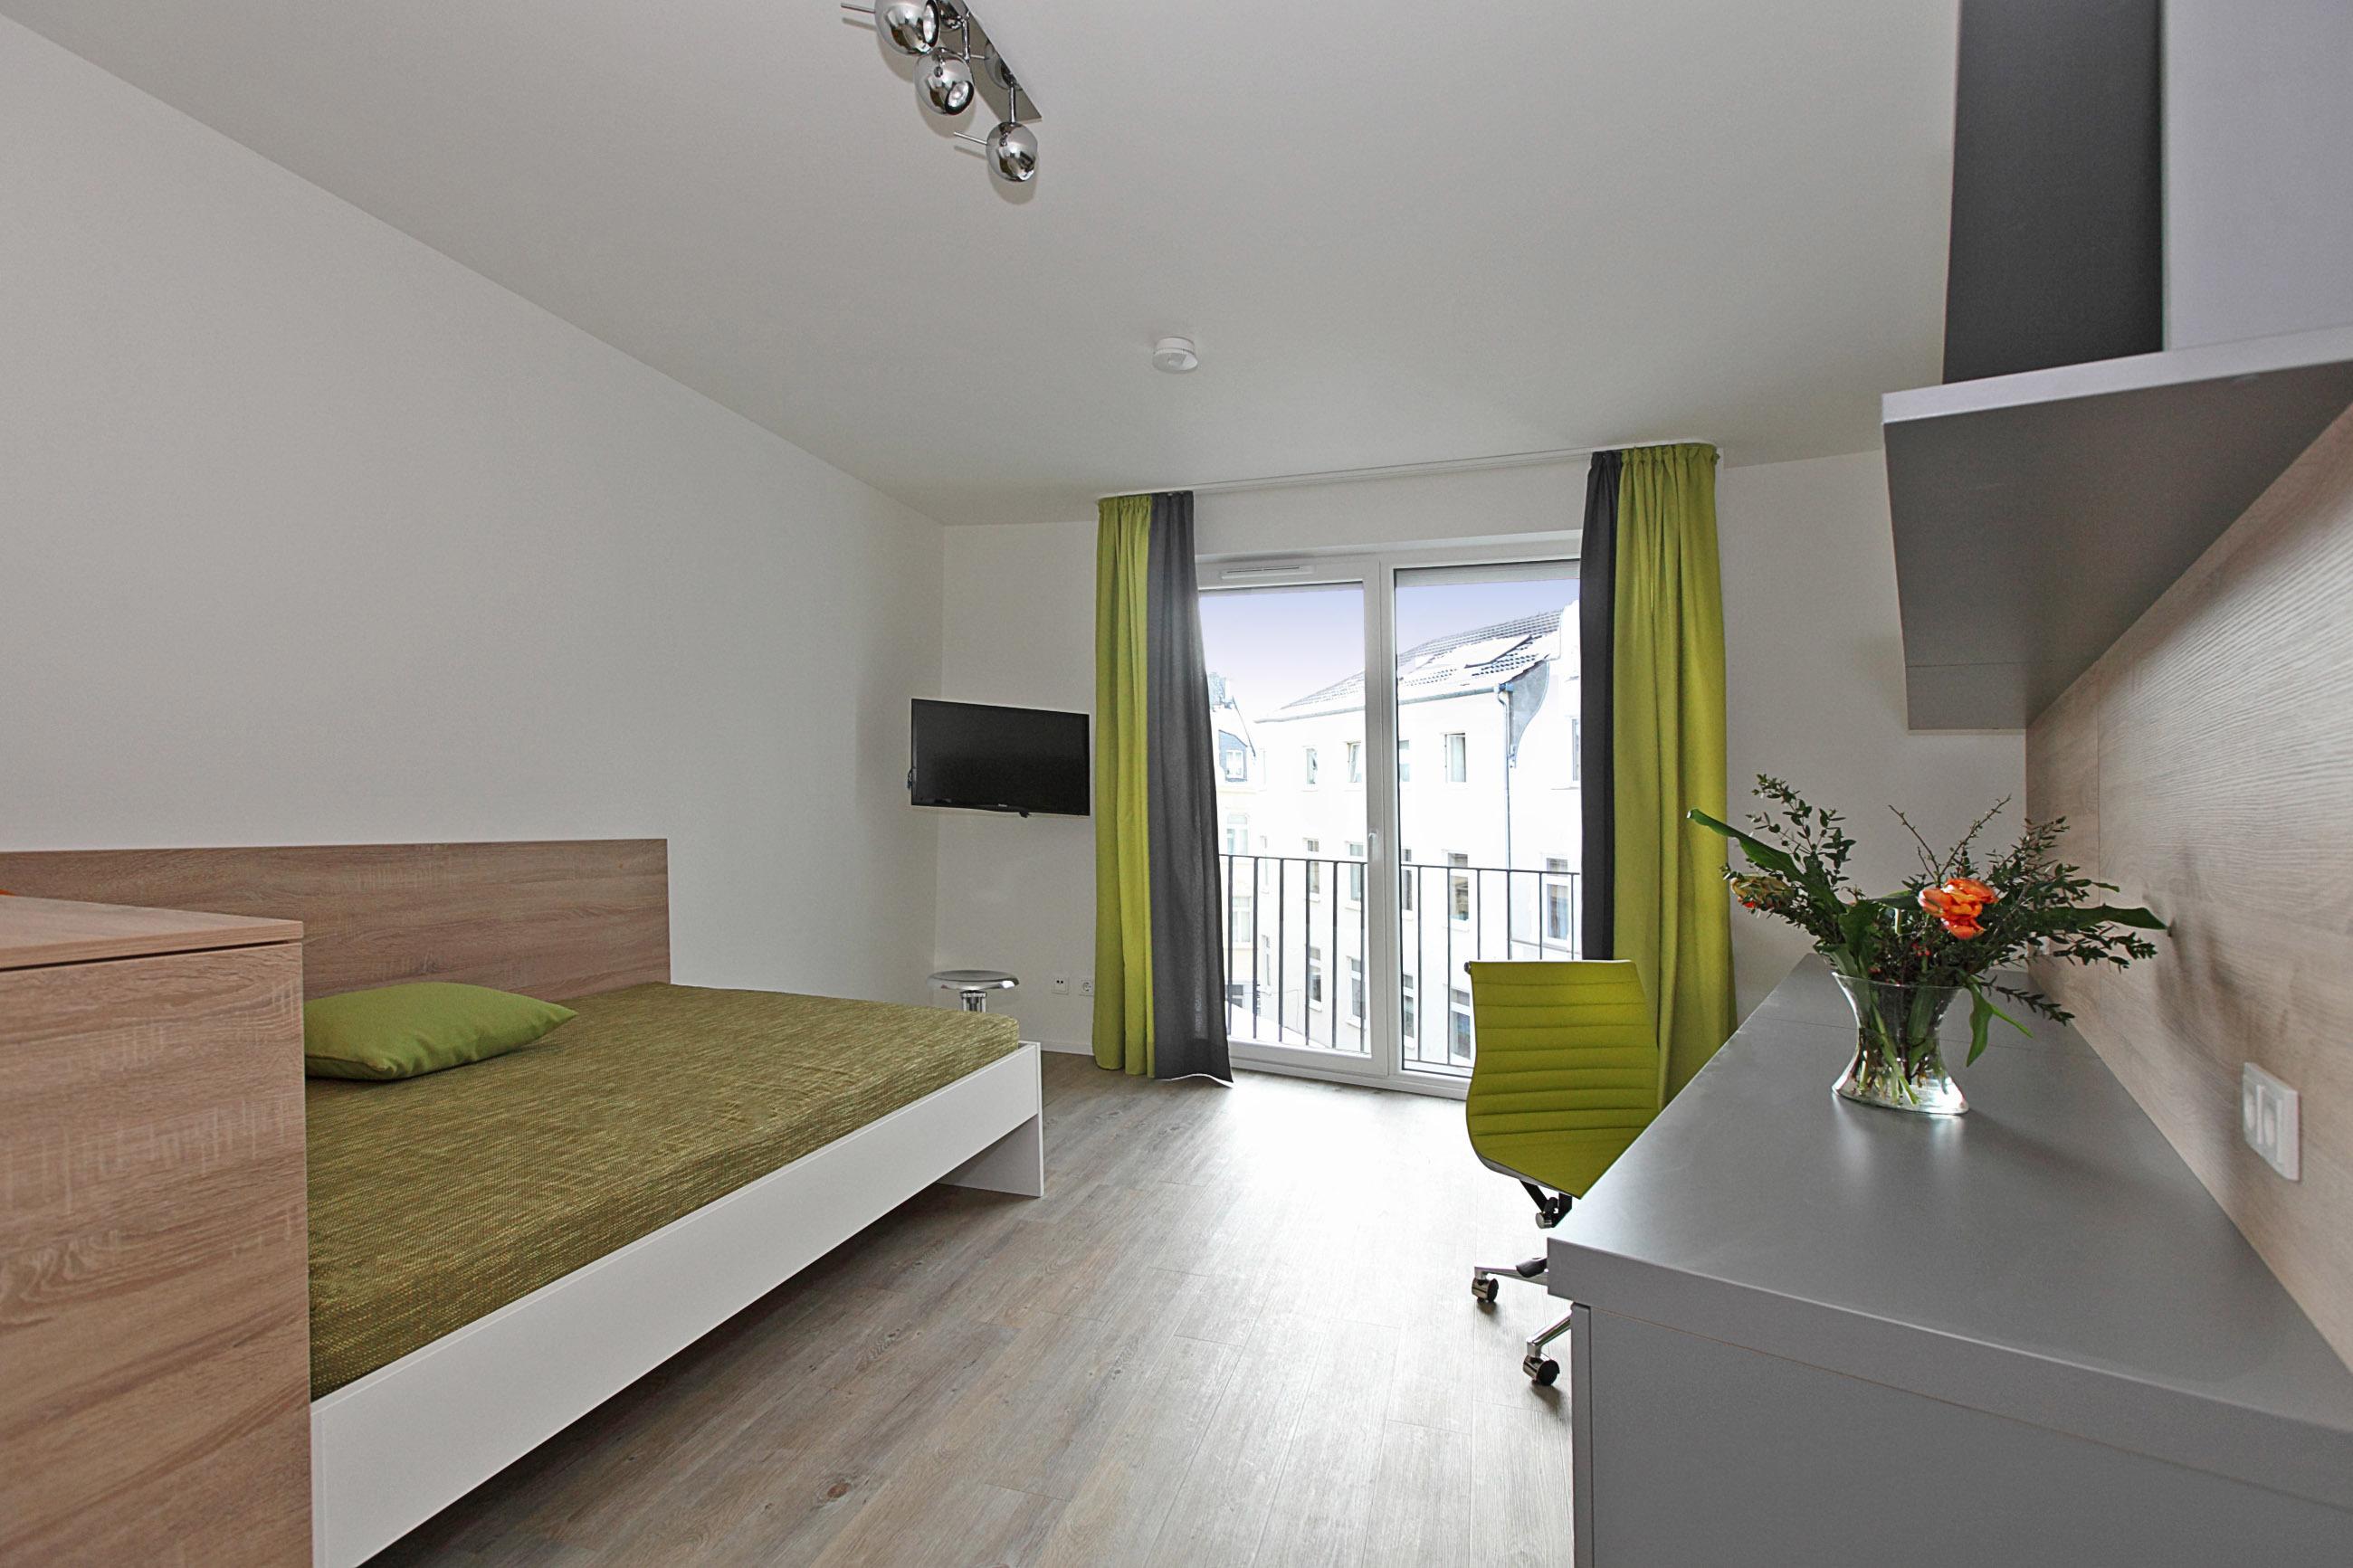 studentenwohnheim bonn m blierte wohnung wg bonn studentshome. Black Bedroom Furniture Sets. Home Design Ideas